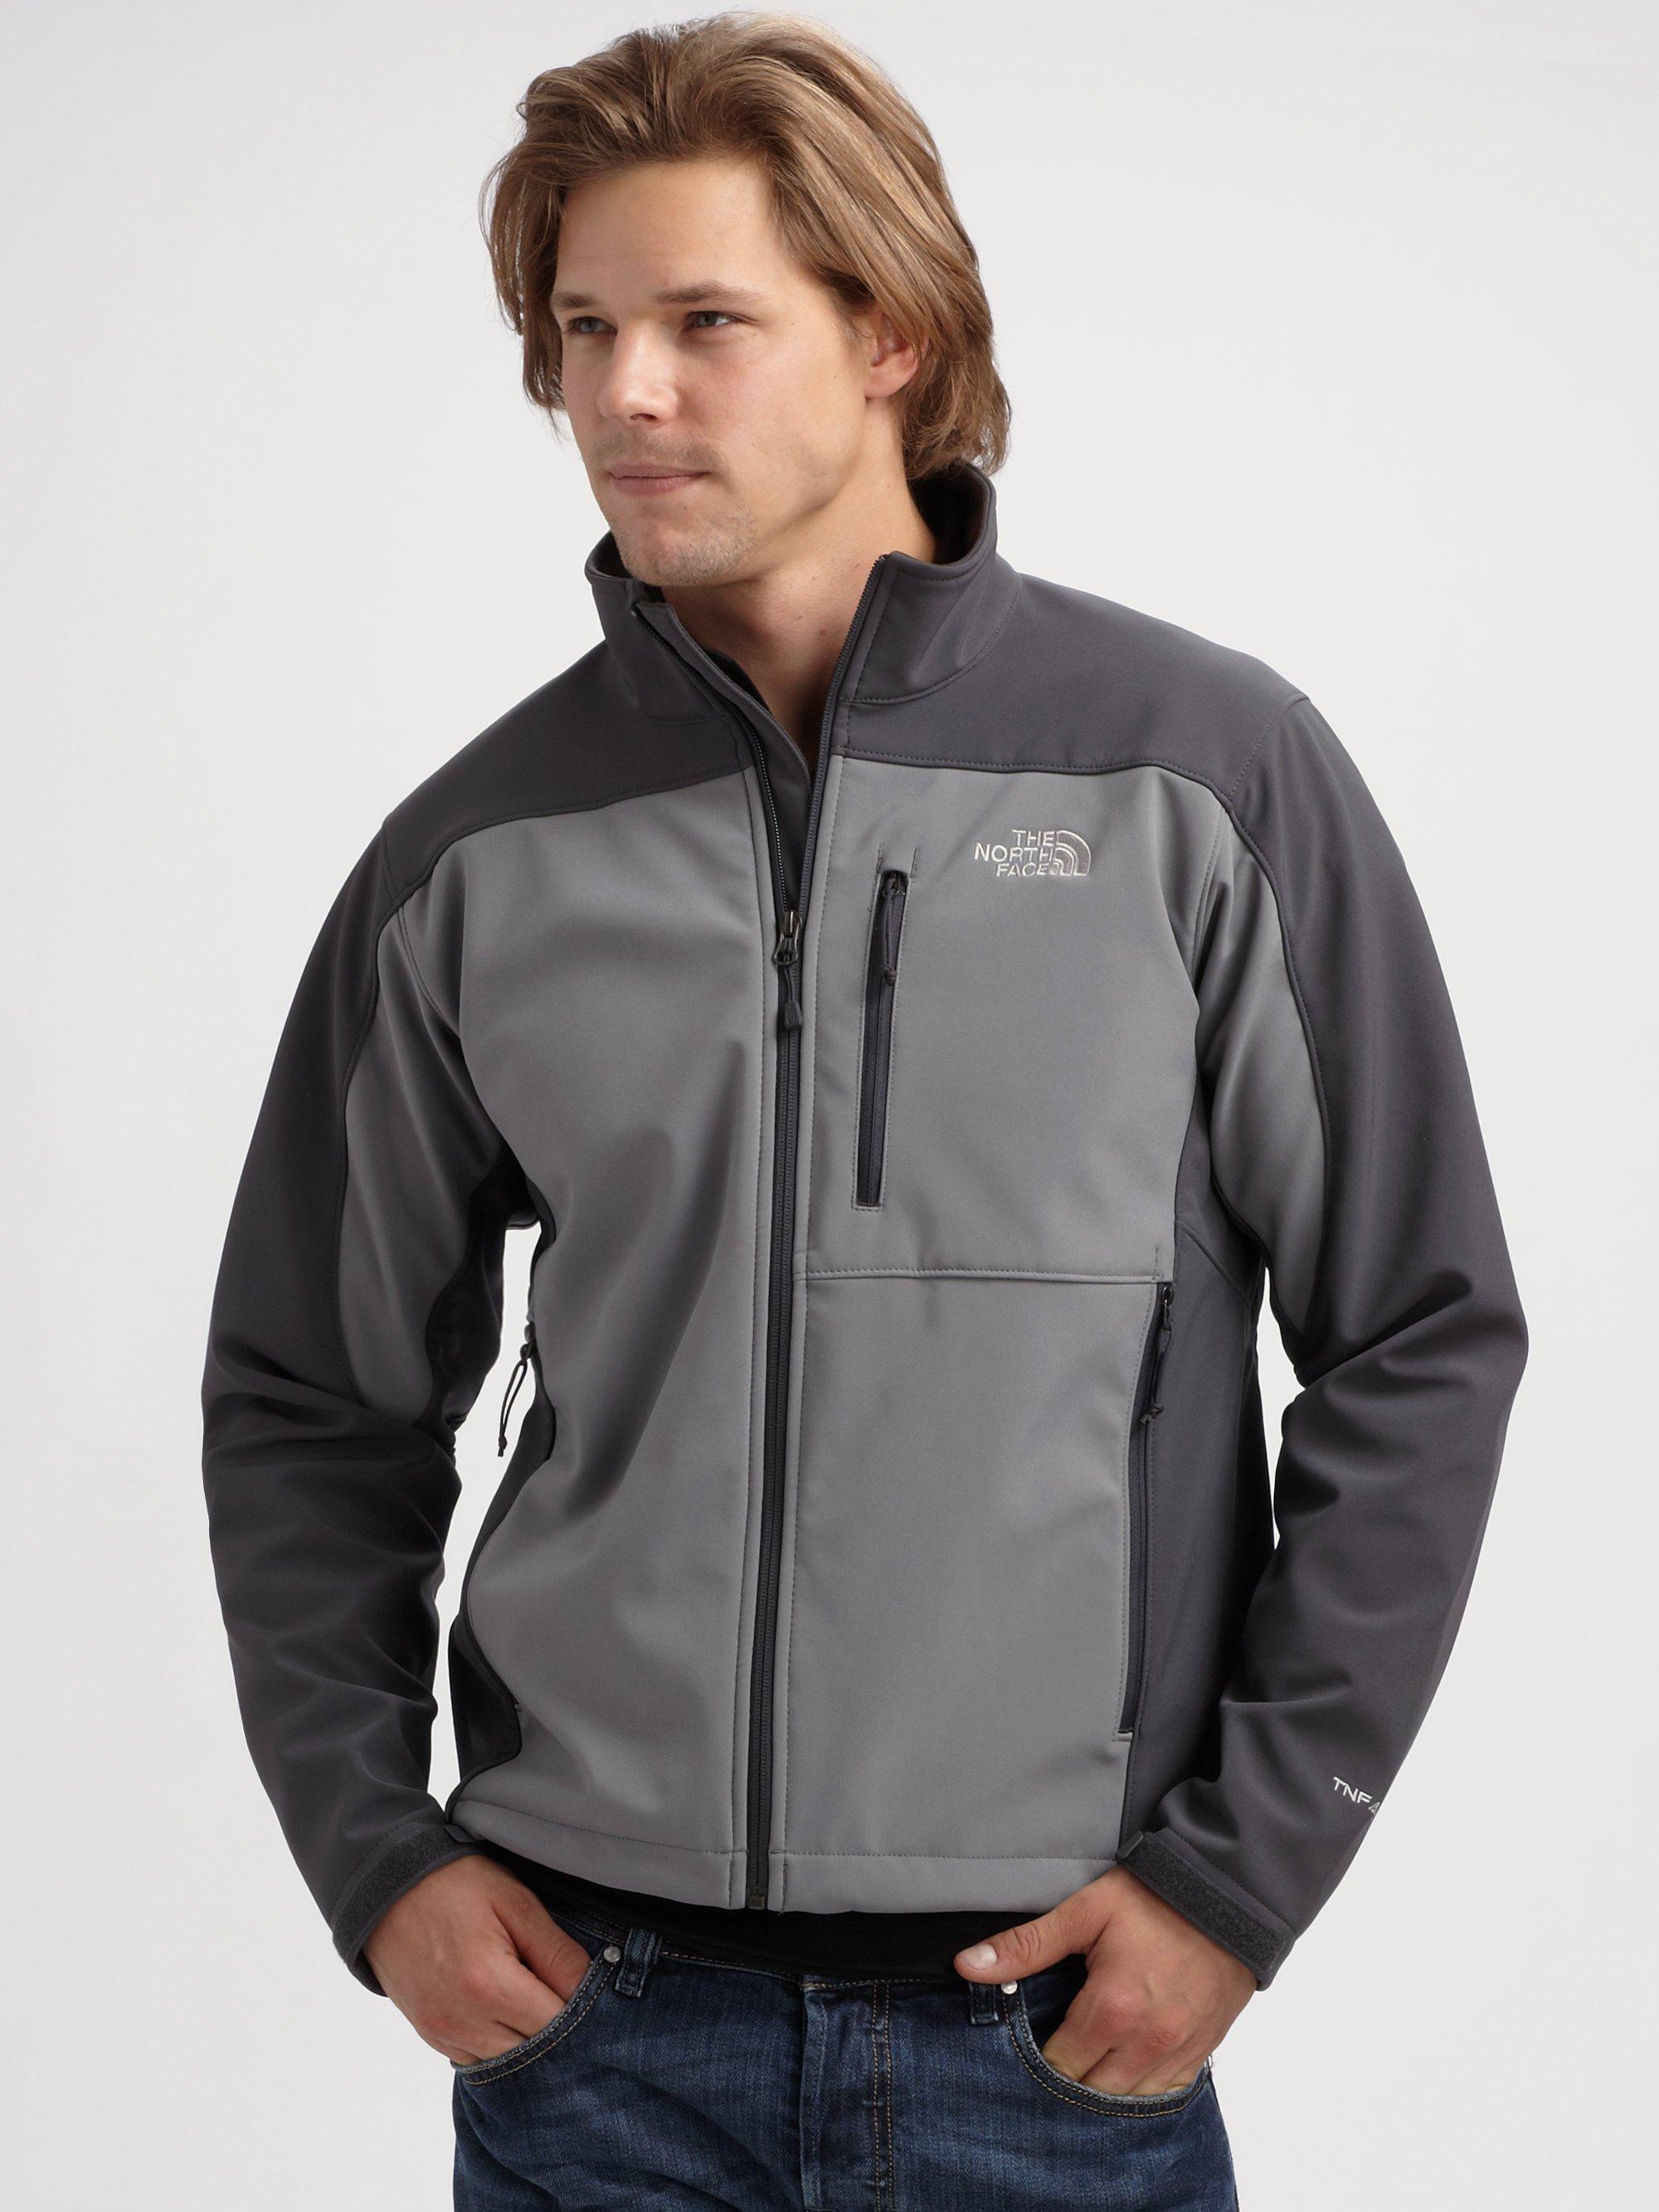 Polo Fleece Jacket